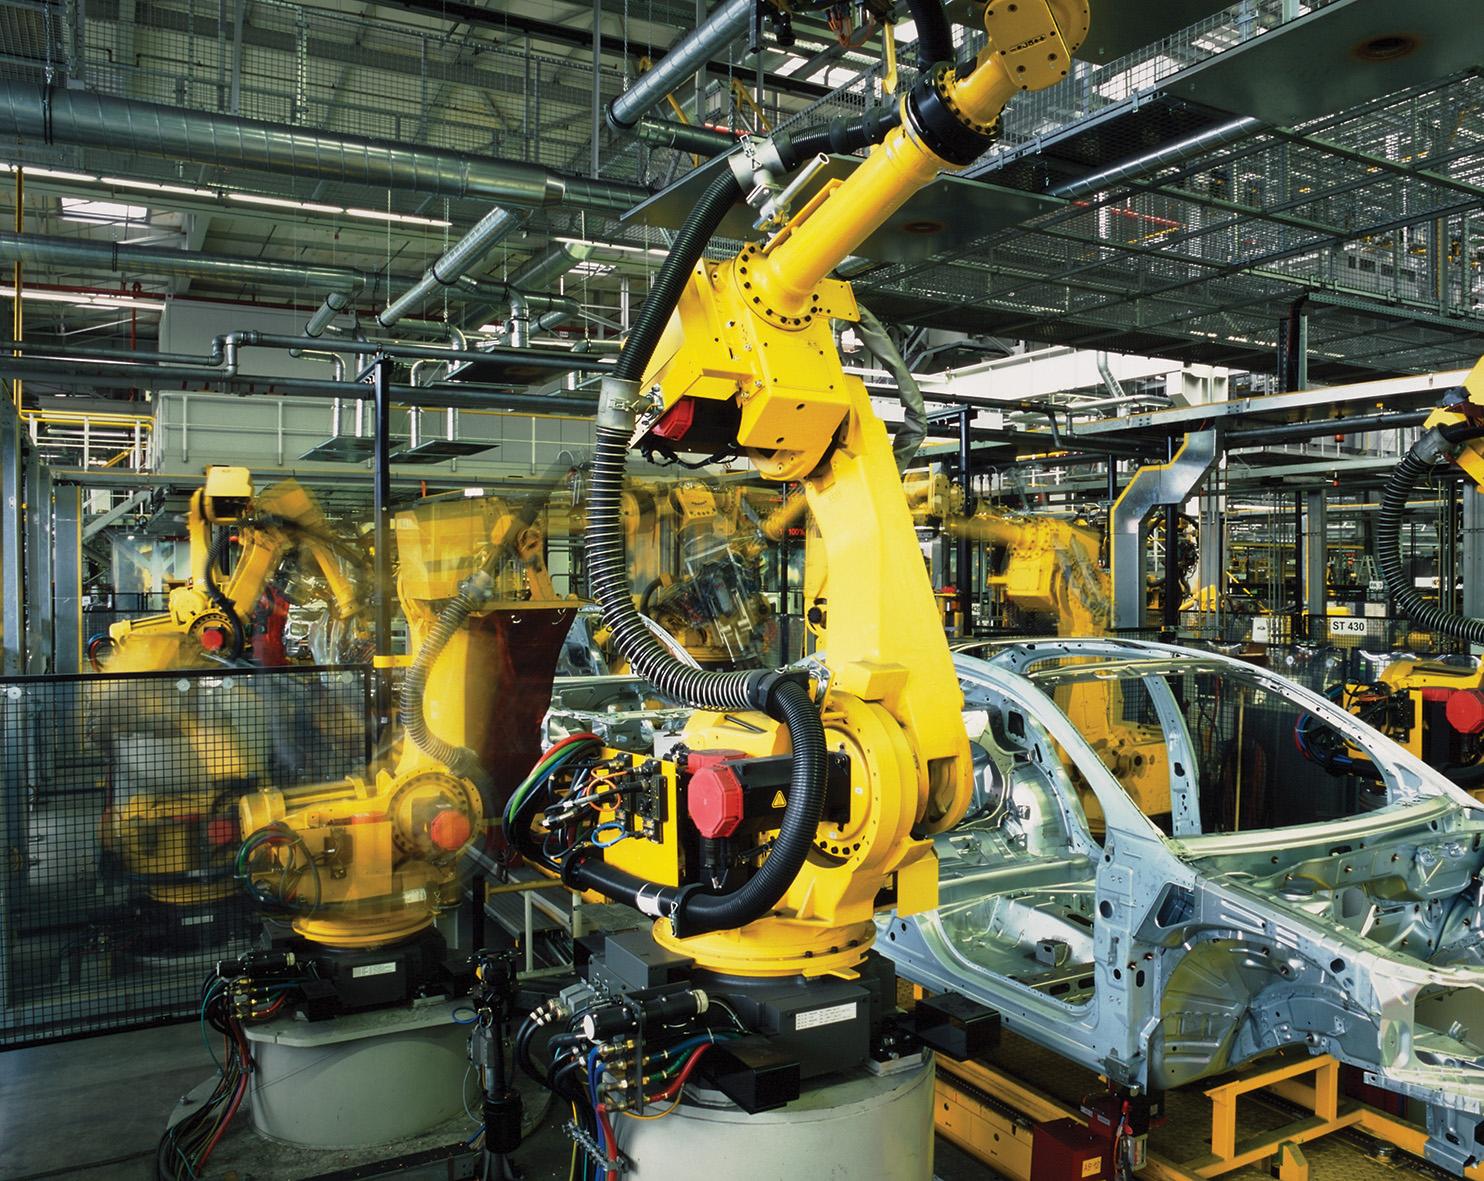 Einsatzbereiche von 5G reichen von der Fabrikautomation über die Landwirtschaft und Hafenanwendungen bis hin zur Prozessindustrie. (Bild: ©Rainer Plendl/shutterstock.com)